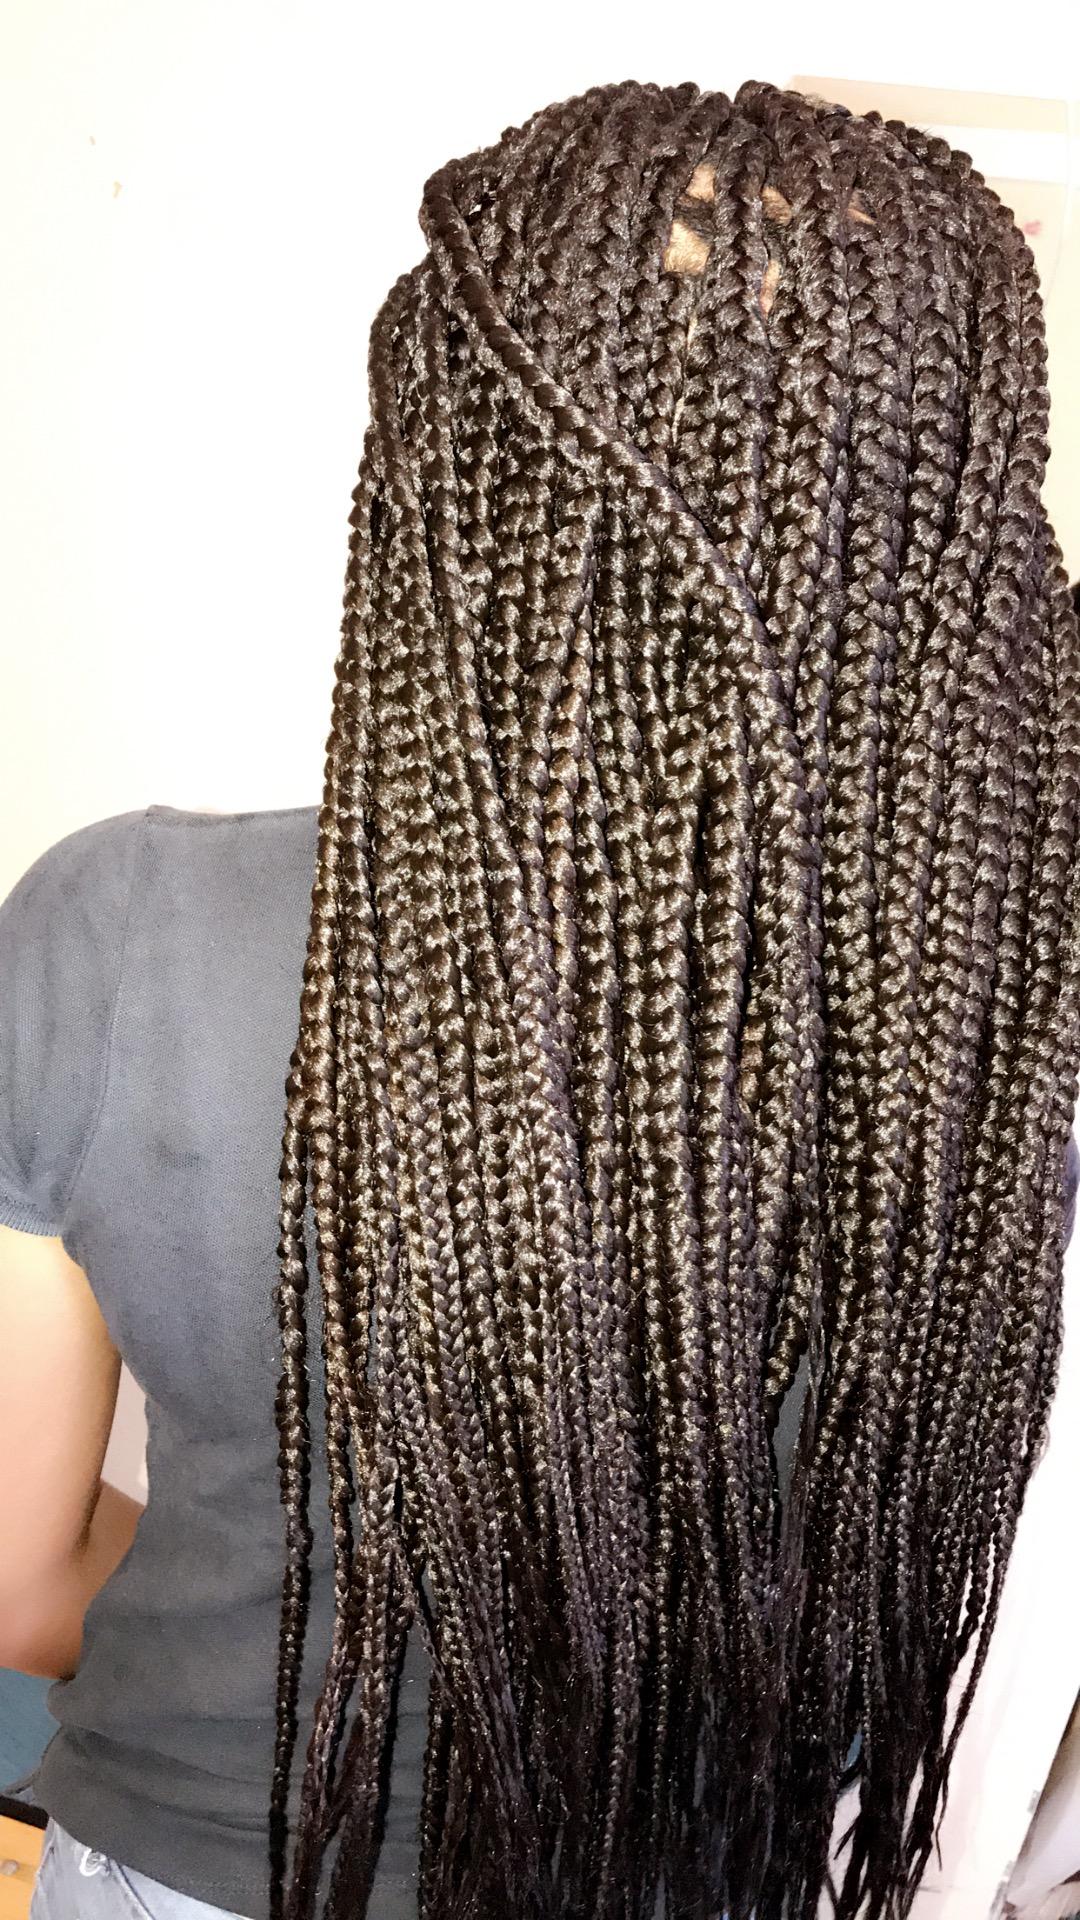 salon de coiffure afro tresse tresses box braids crochet braids vanilles tissages paris 75 77 78 91 92 93 94 95 AEBSJHWX